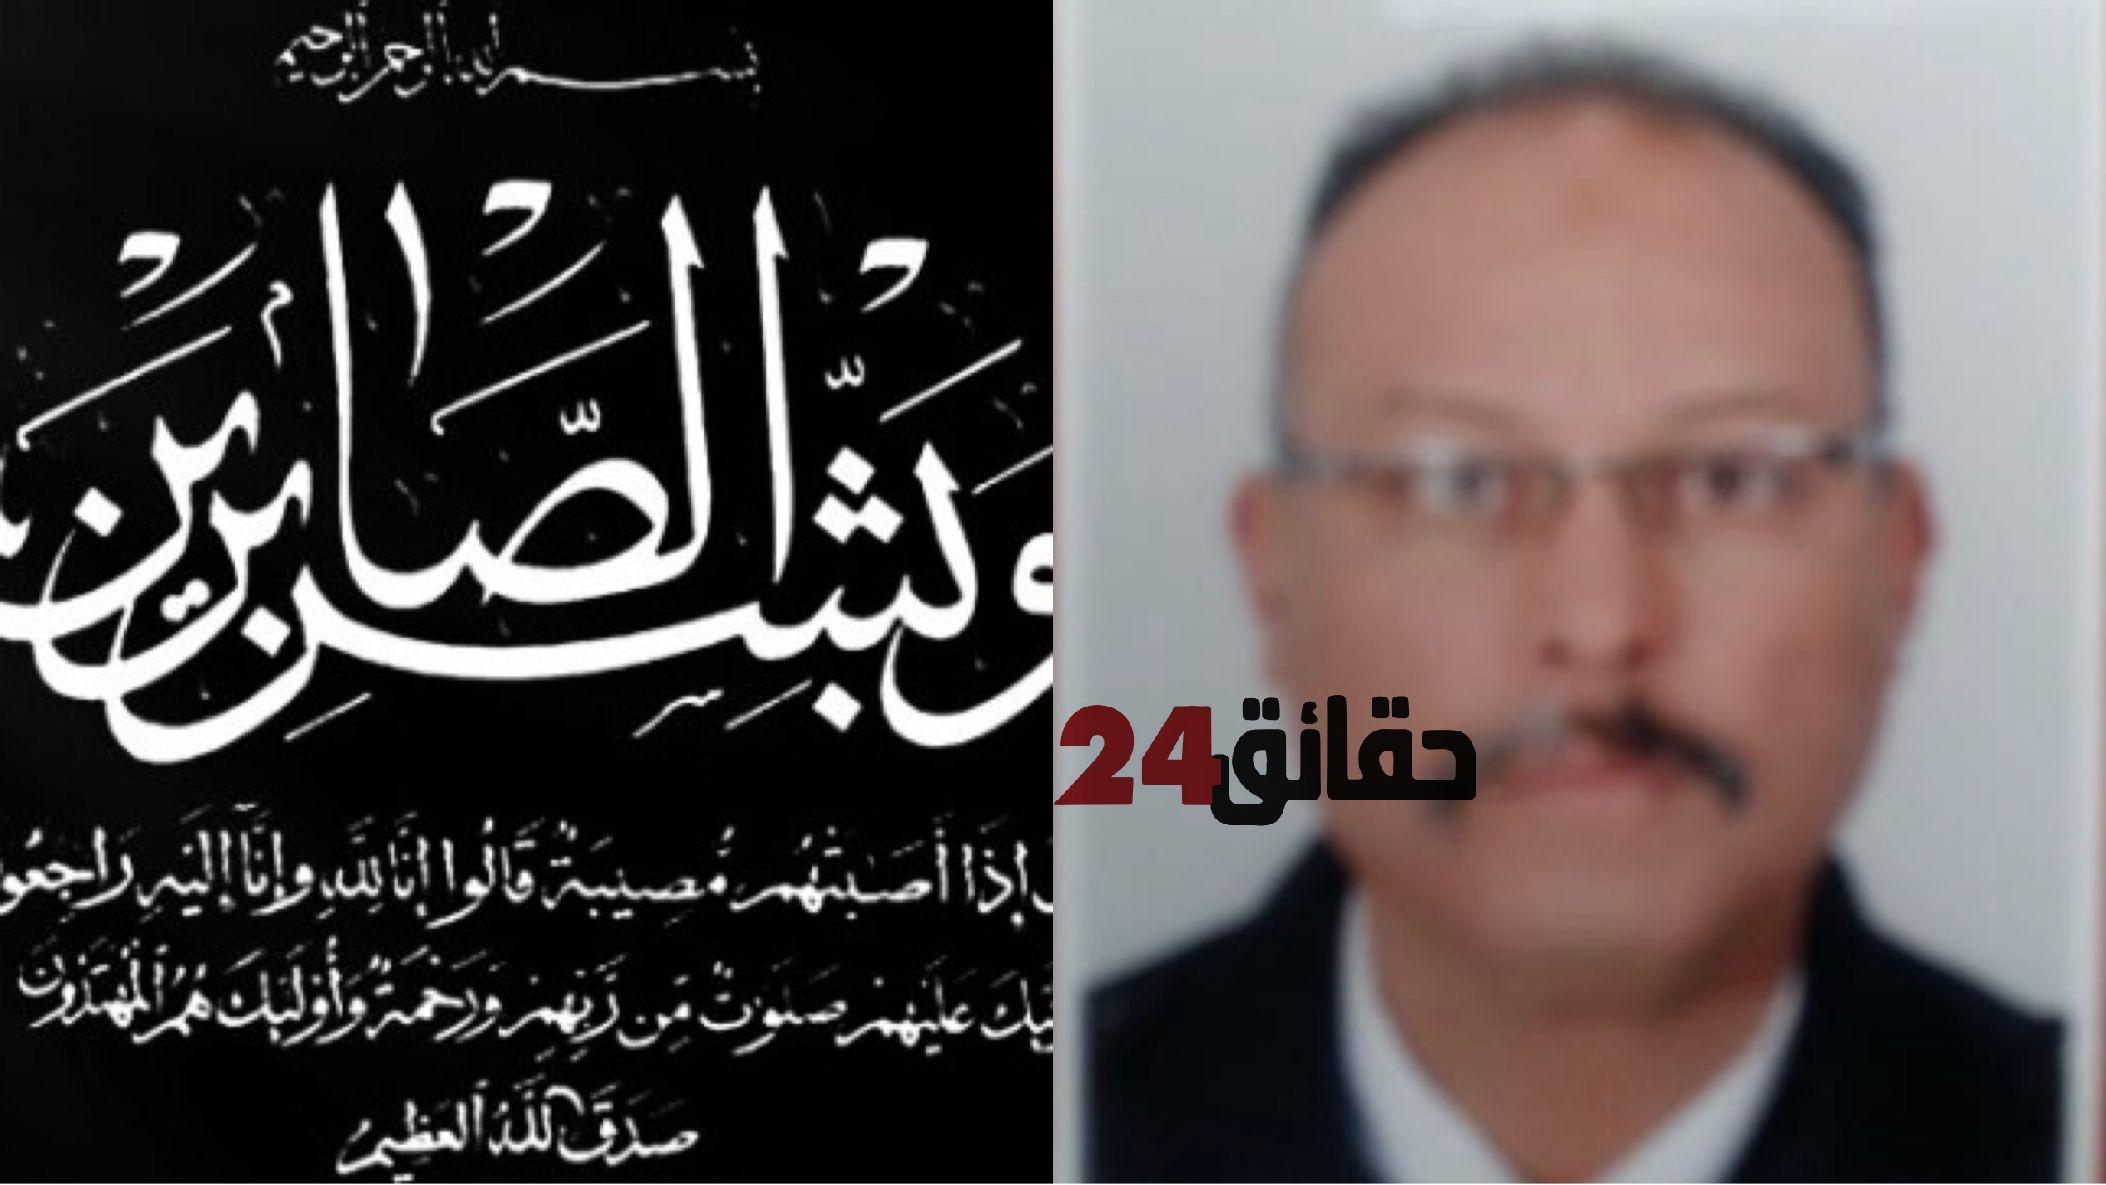 صورة تعزية في وفاة ضابط أمن بأكادير محمد المويدي